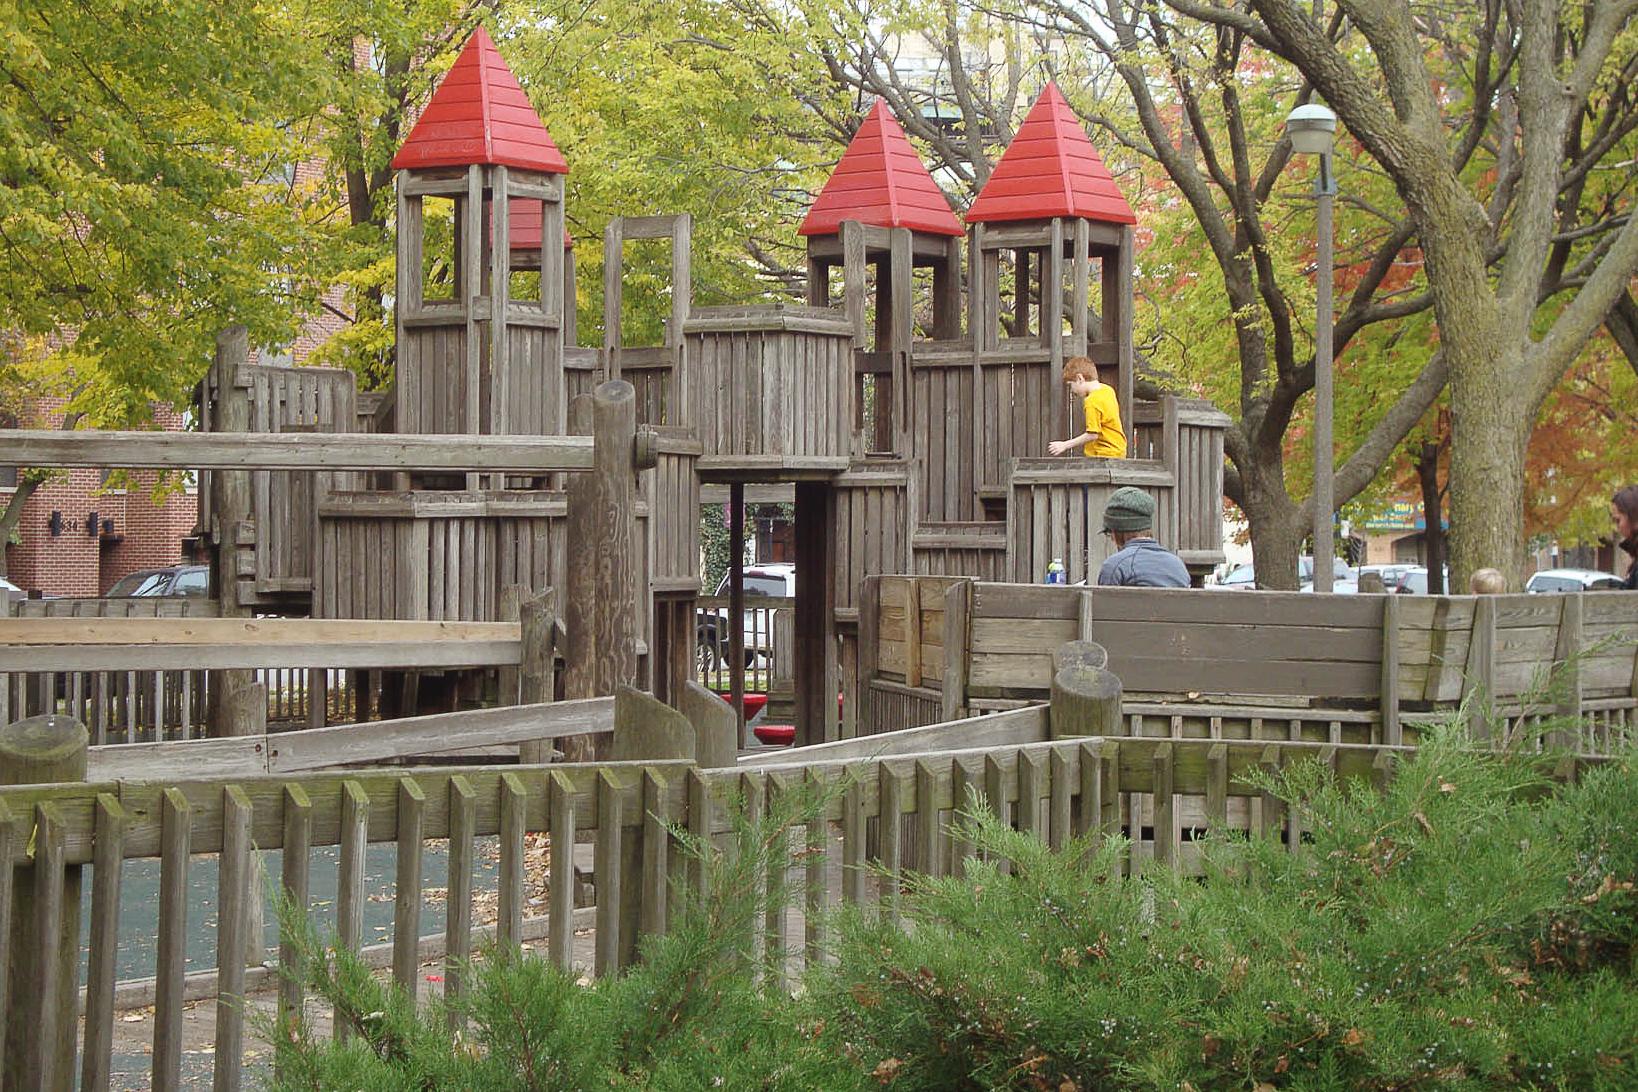 Oz Park